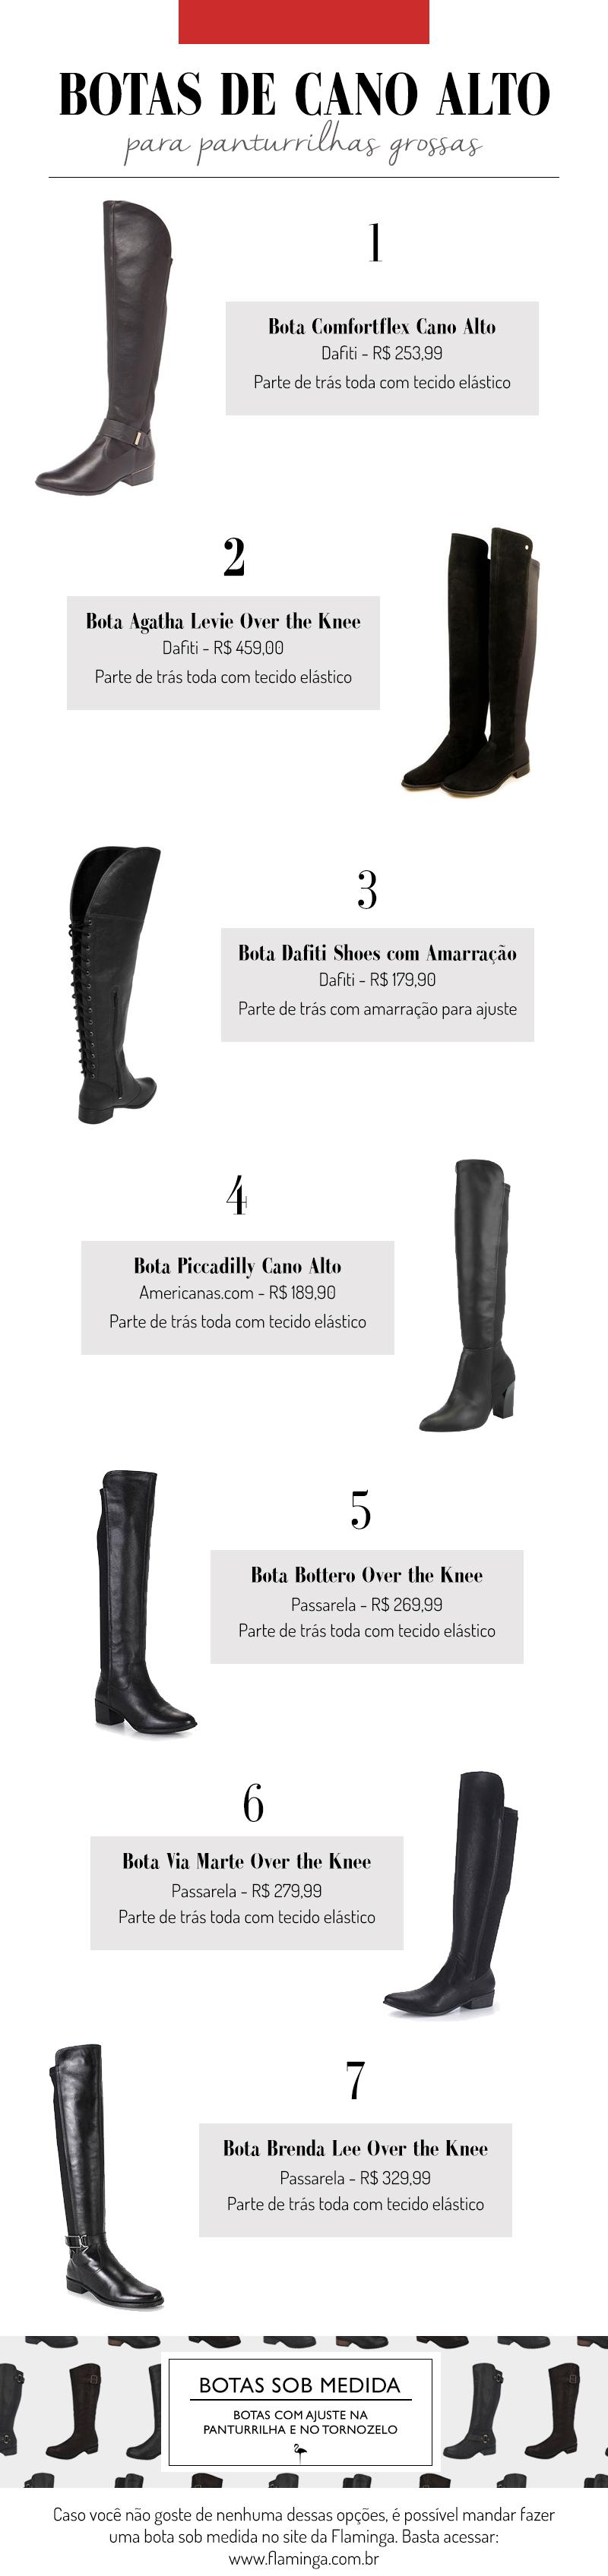 Botas de cano alto para pernas grossas - grandes mulheres